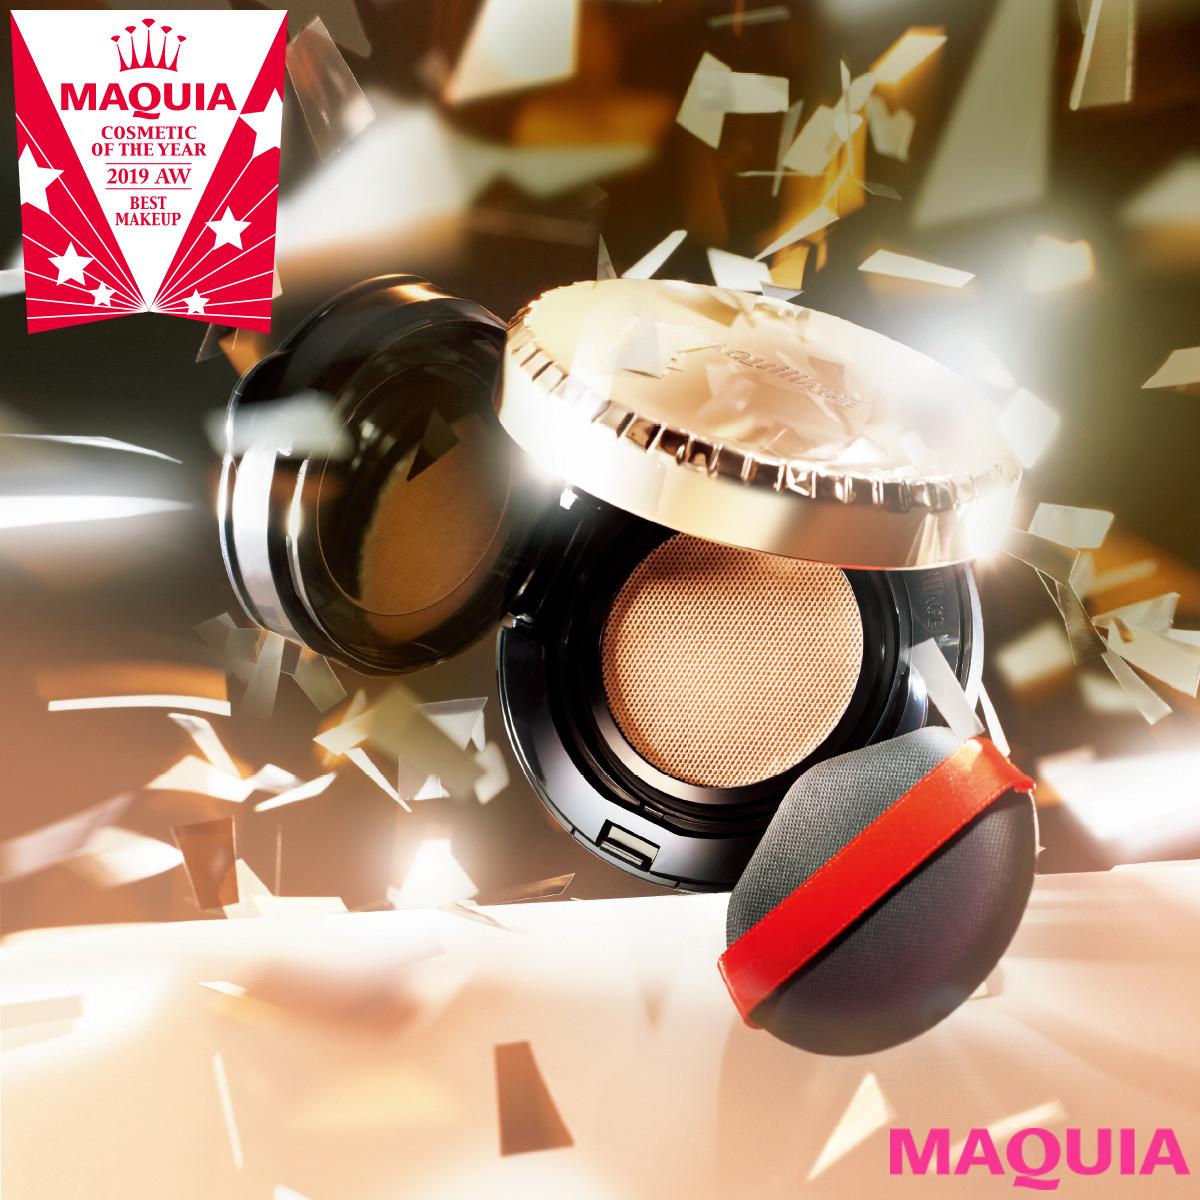 ベスト・メイクアップ大賞は、マキアージュの新発想ファンデーション【ベストコスメ2019下半期】